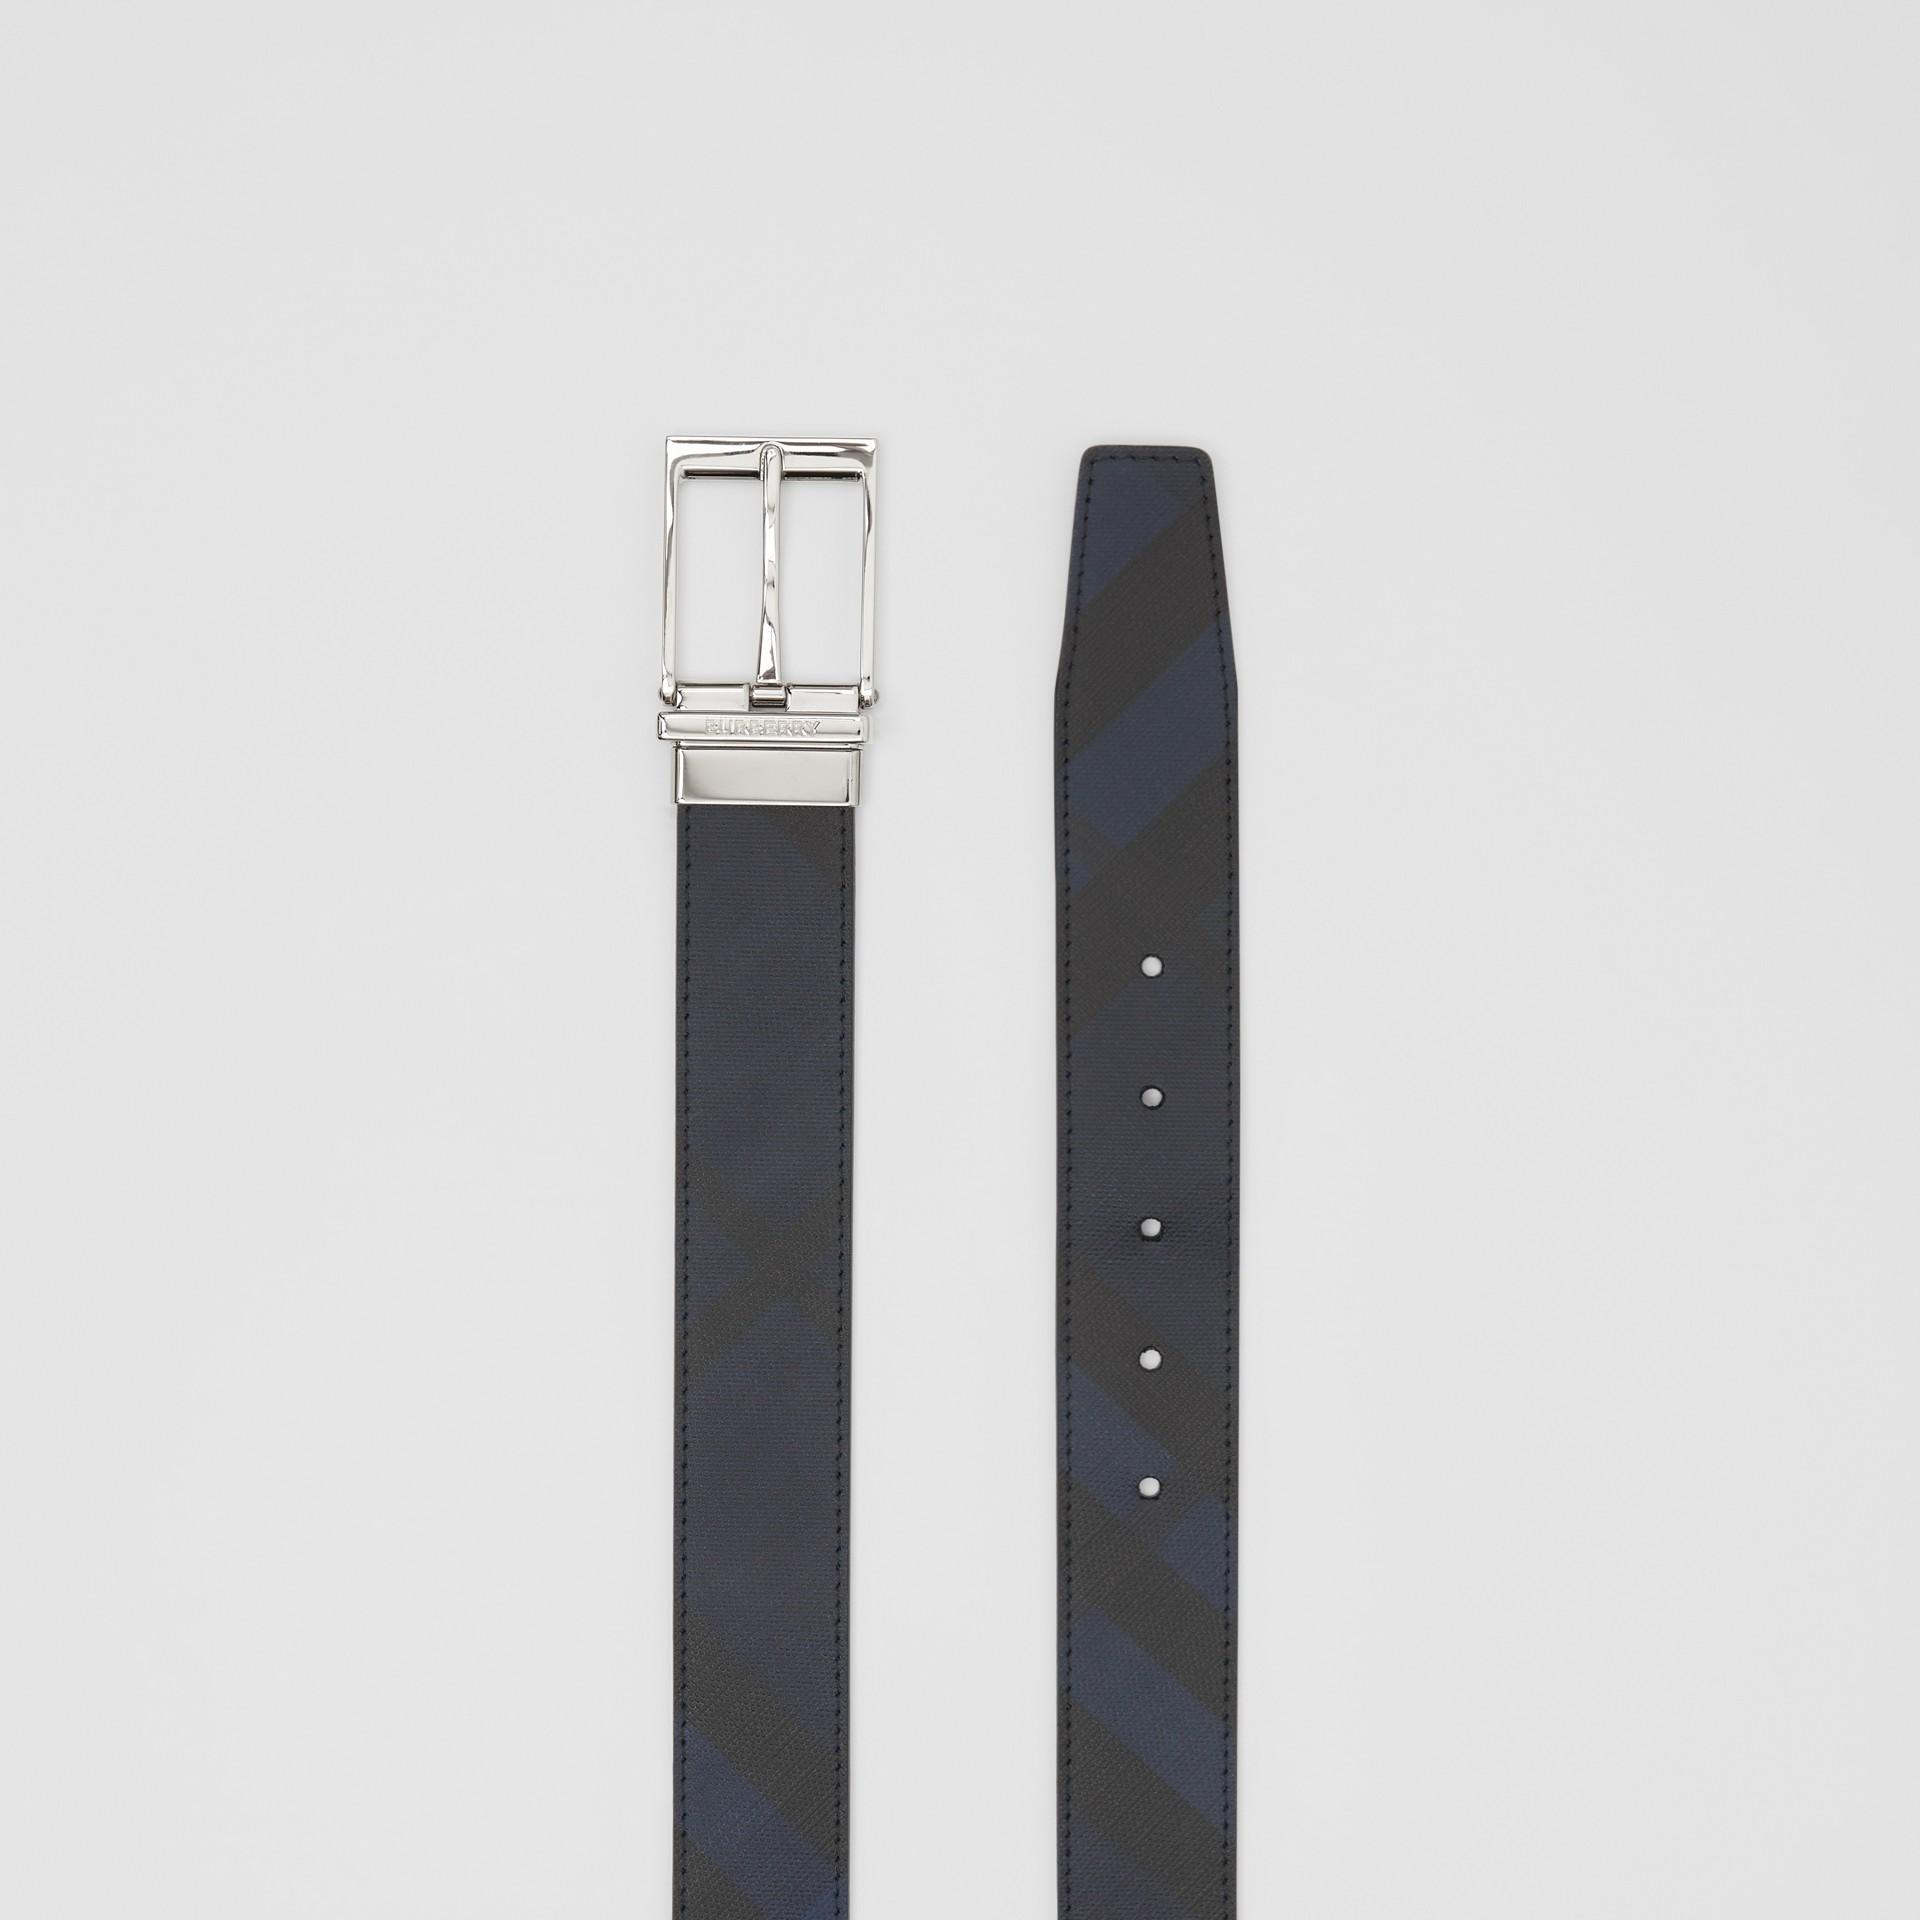 リバーシブル ロンドンチェック&レザー ベルト (ネイビー/ブラック) - メンズ | バーバリー - ギャラリーイメージ 8